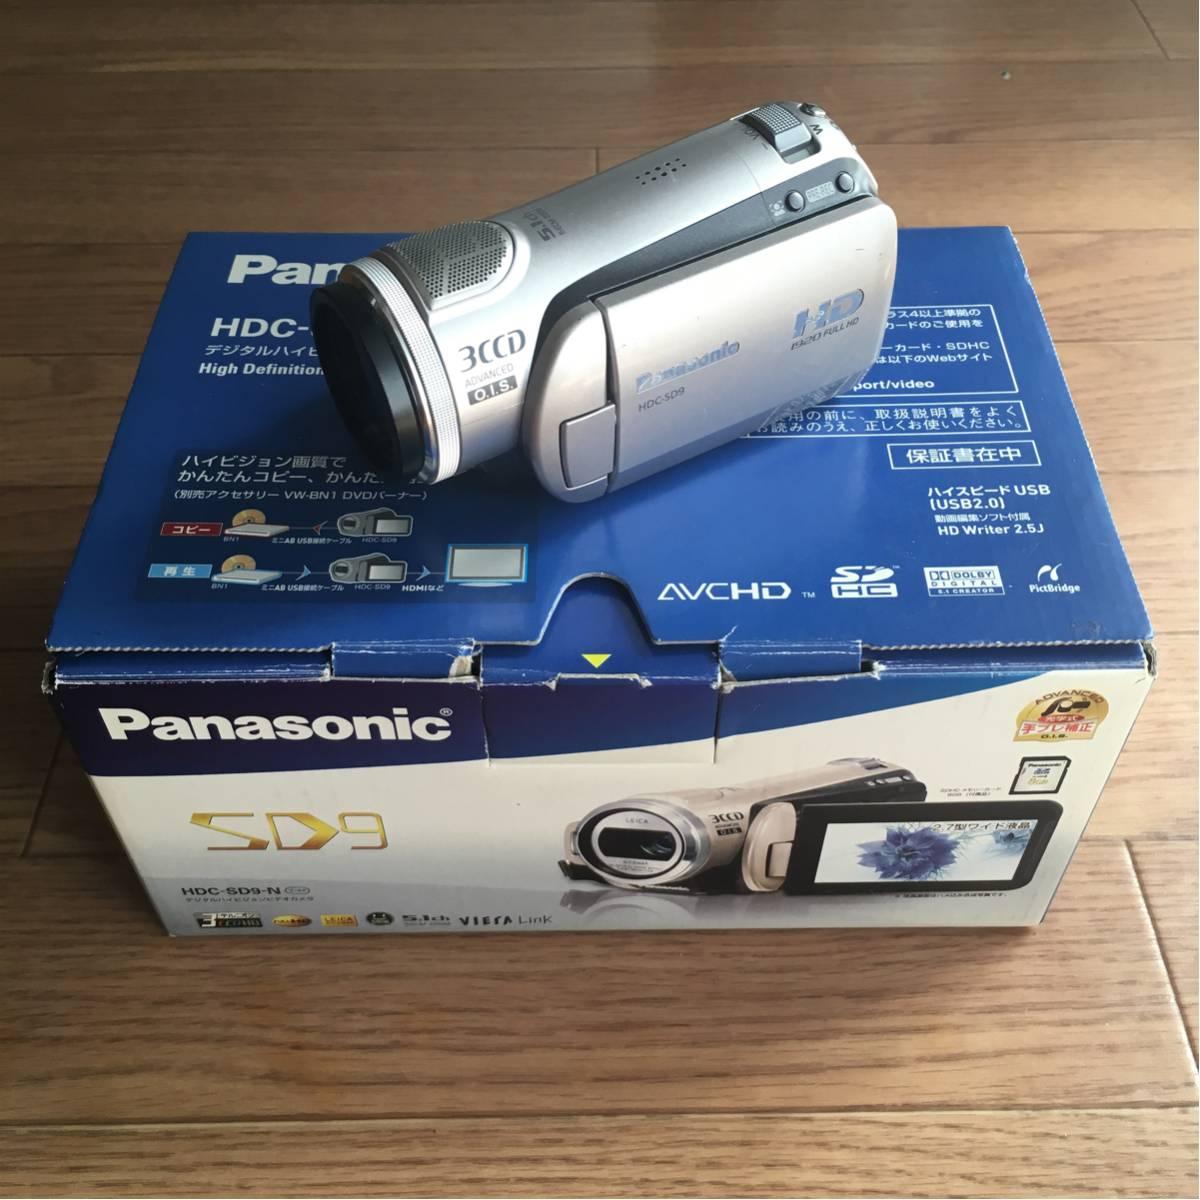 パナソニック ビデオカメラ HDC-SD9-N